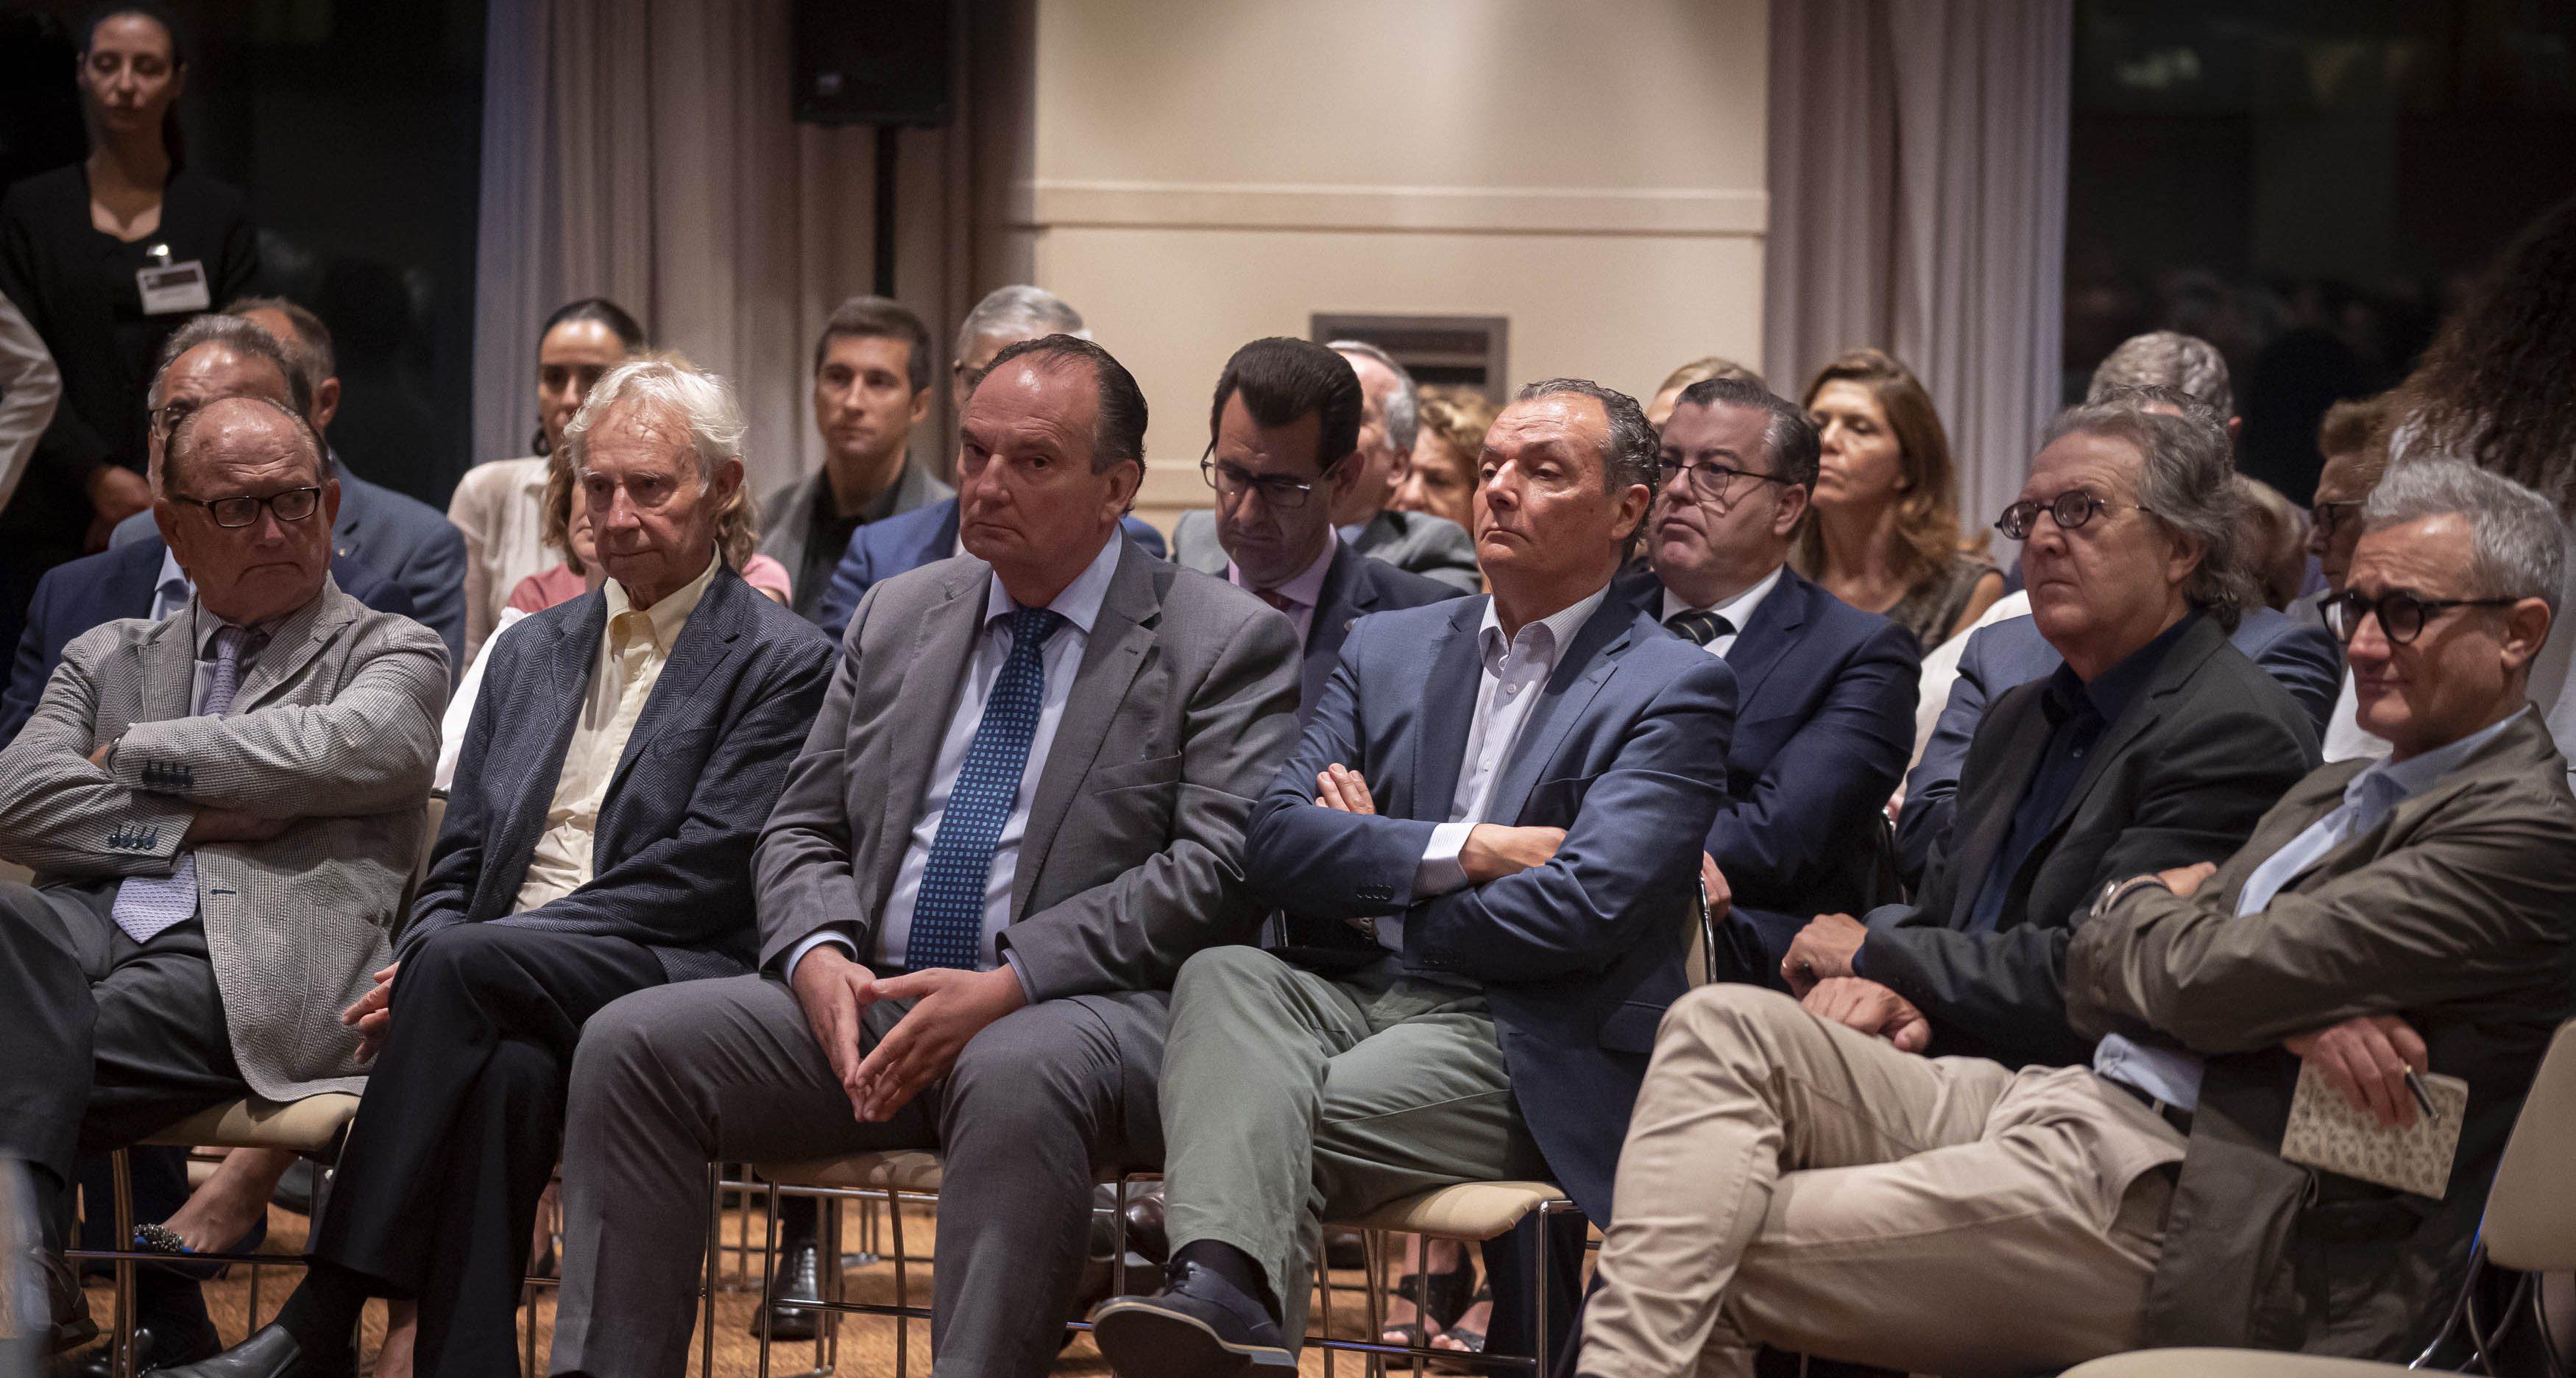 El presidente del Real Instituto Elcano inaugura la temporada del Club de Encuentro XI